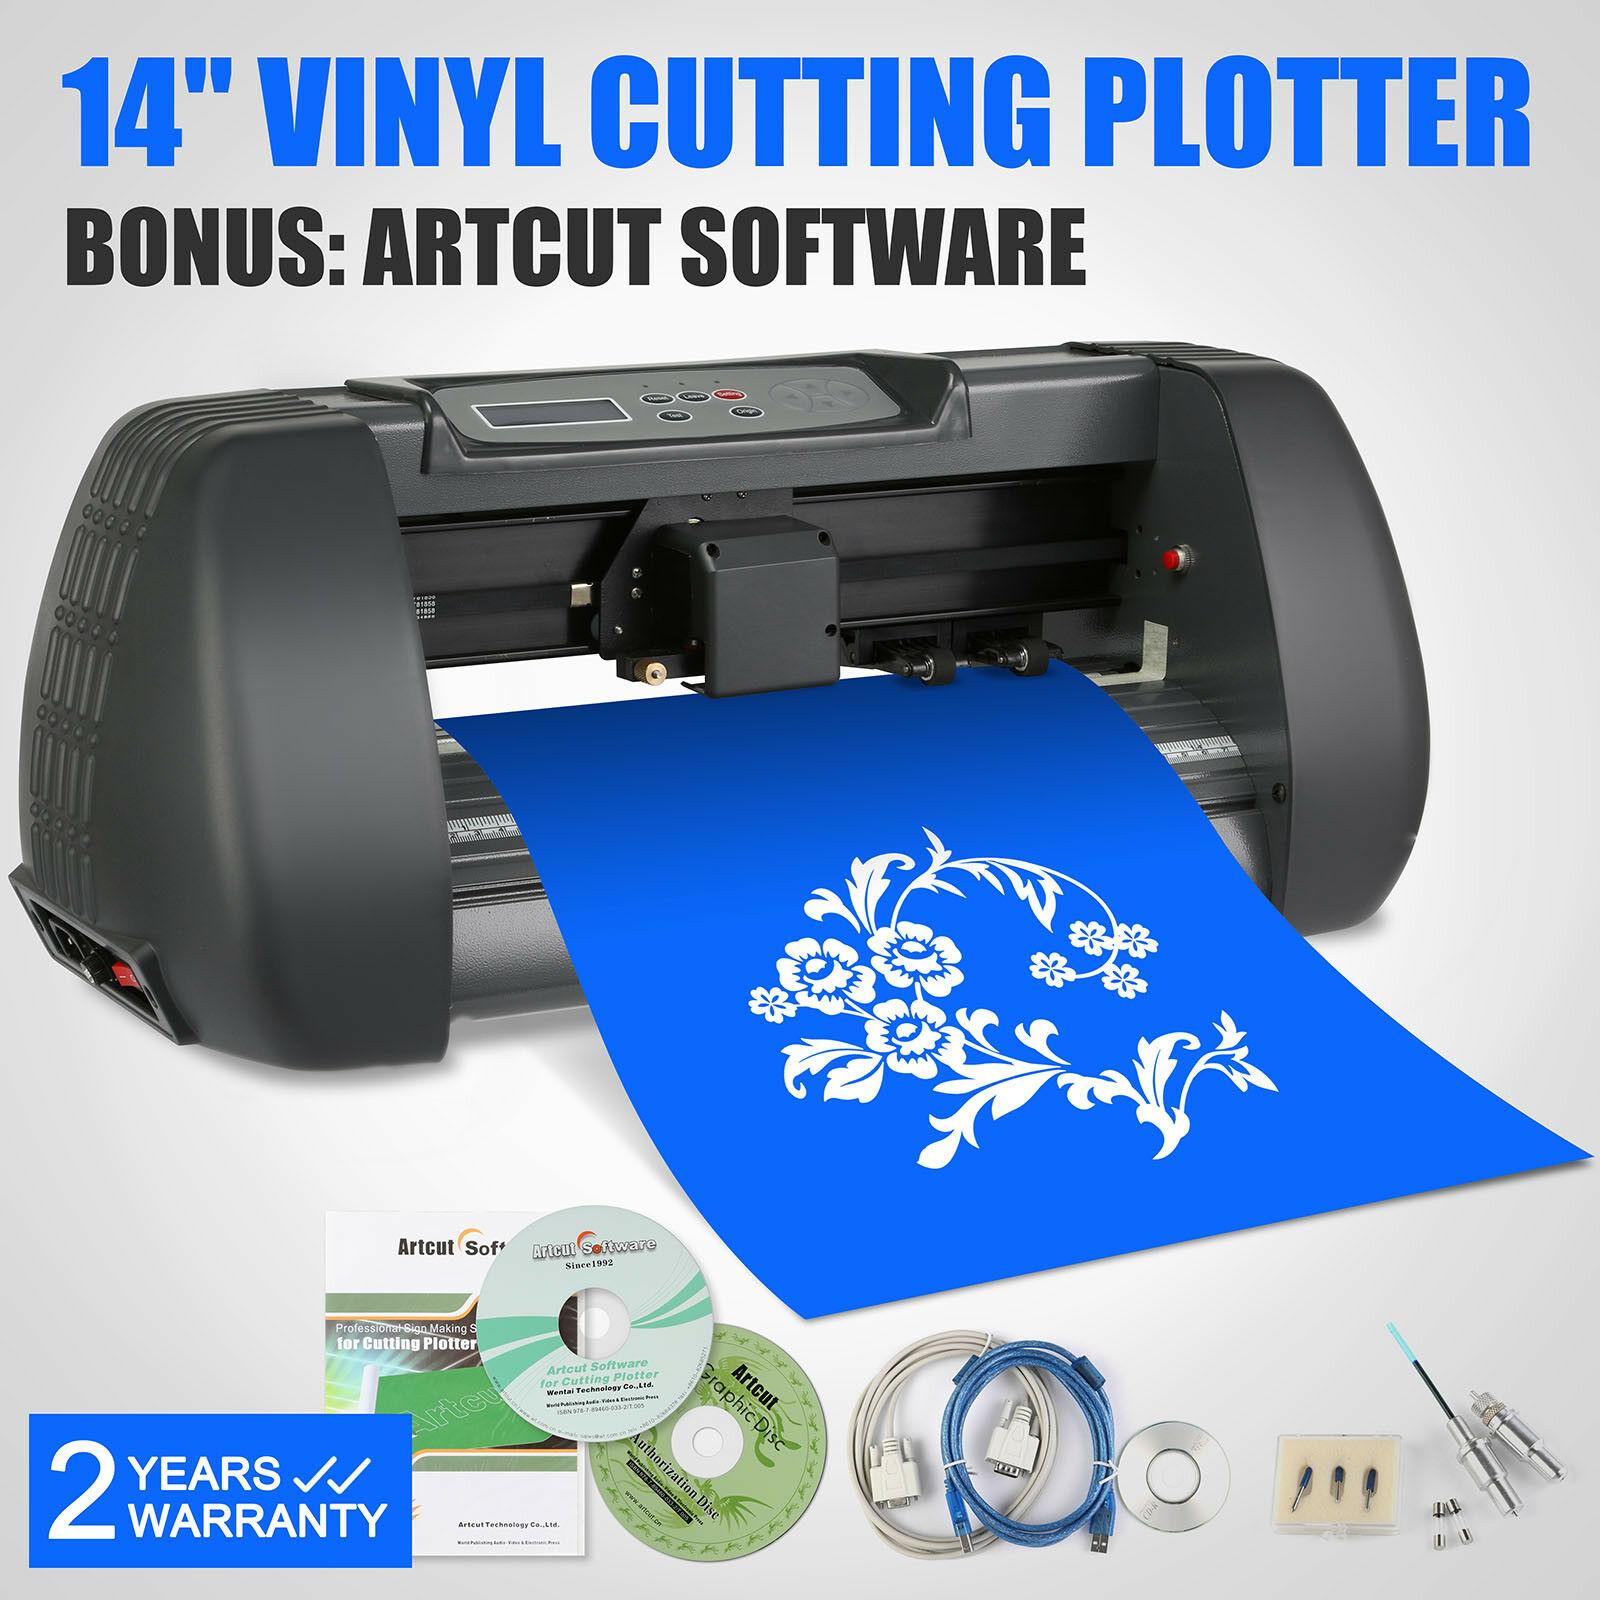 Automatic Vinyl Cutting Plotter 14 Inch 375MM Cutter Plotter USB Port 3 Blade Cutter